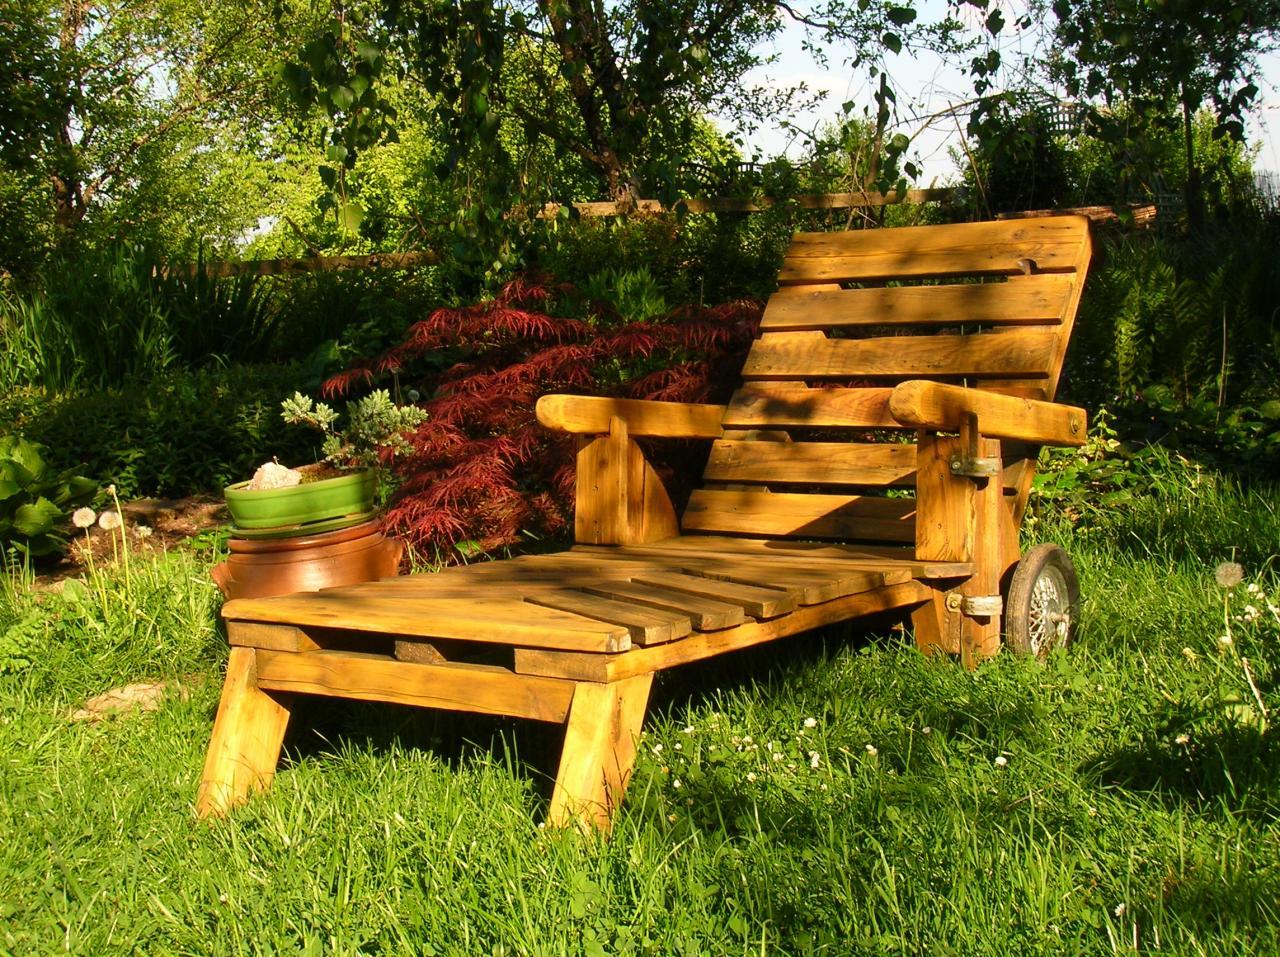 Mobiliers De Jardin Construits En Palettes Recyclées. Gestes ... tout Fauteuil De Jardin En Bois De Palette